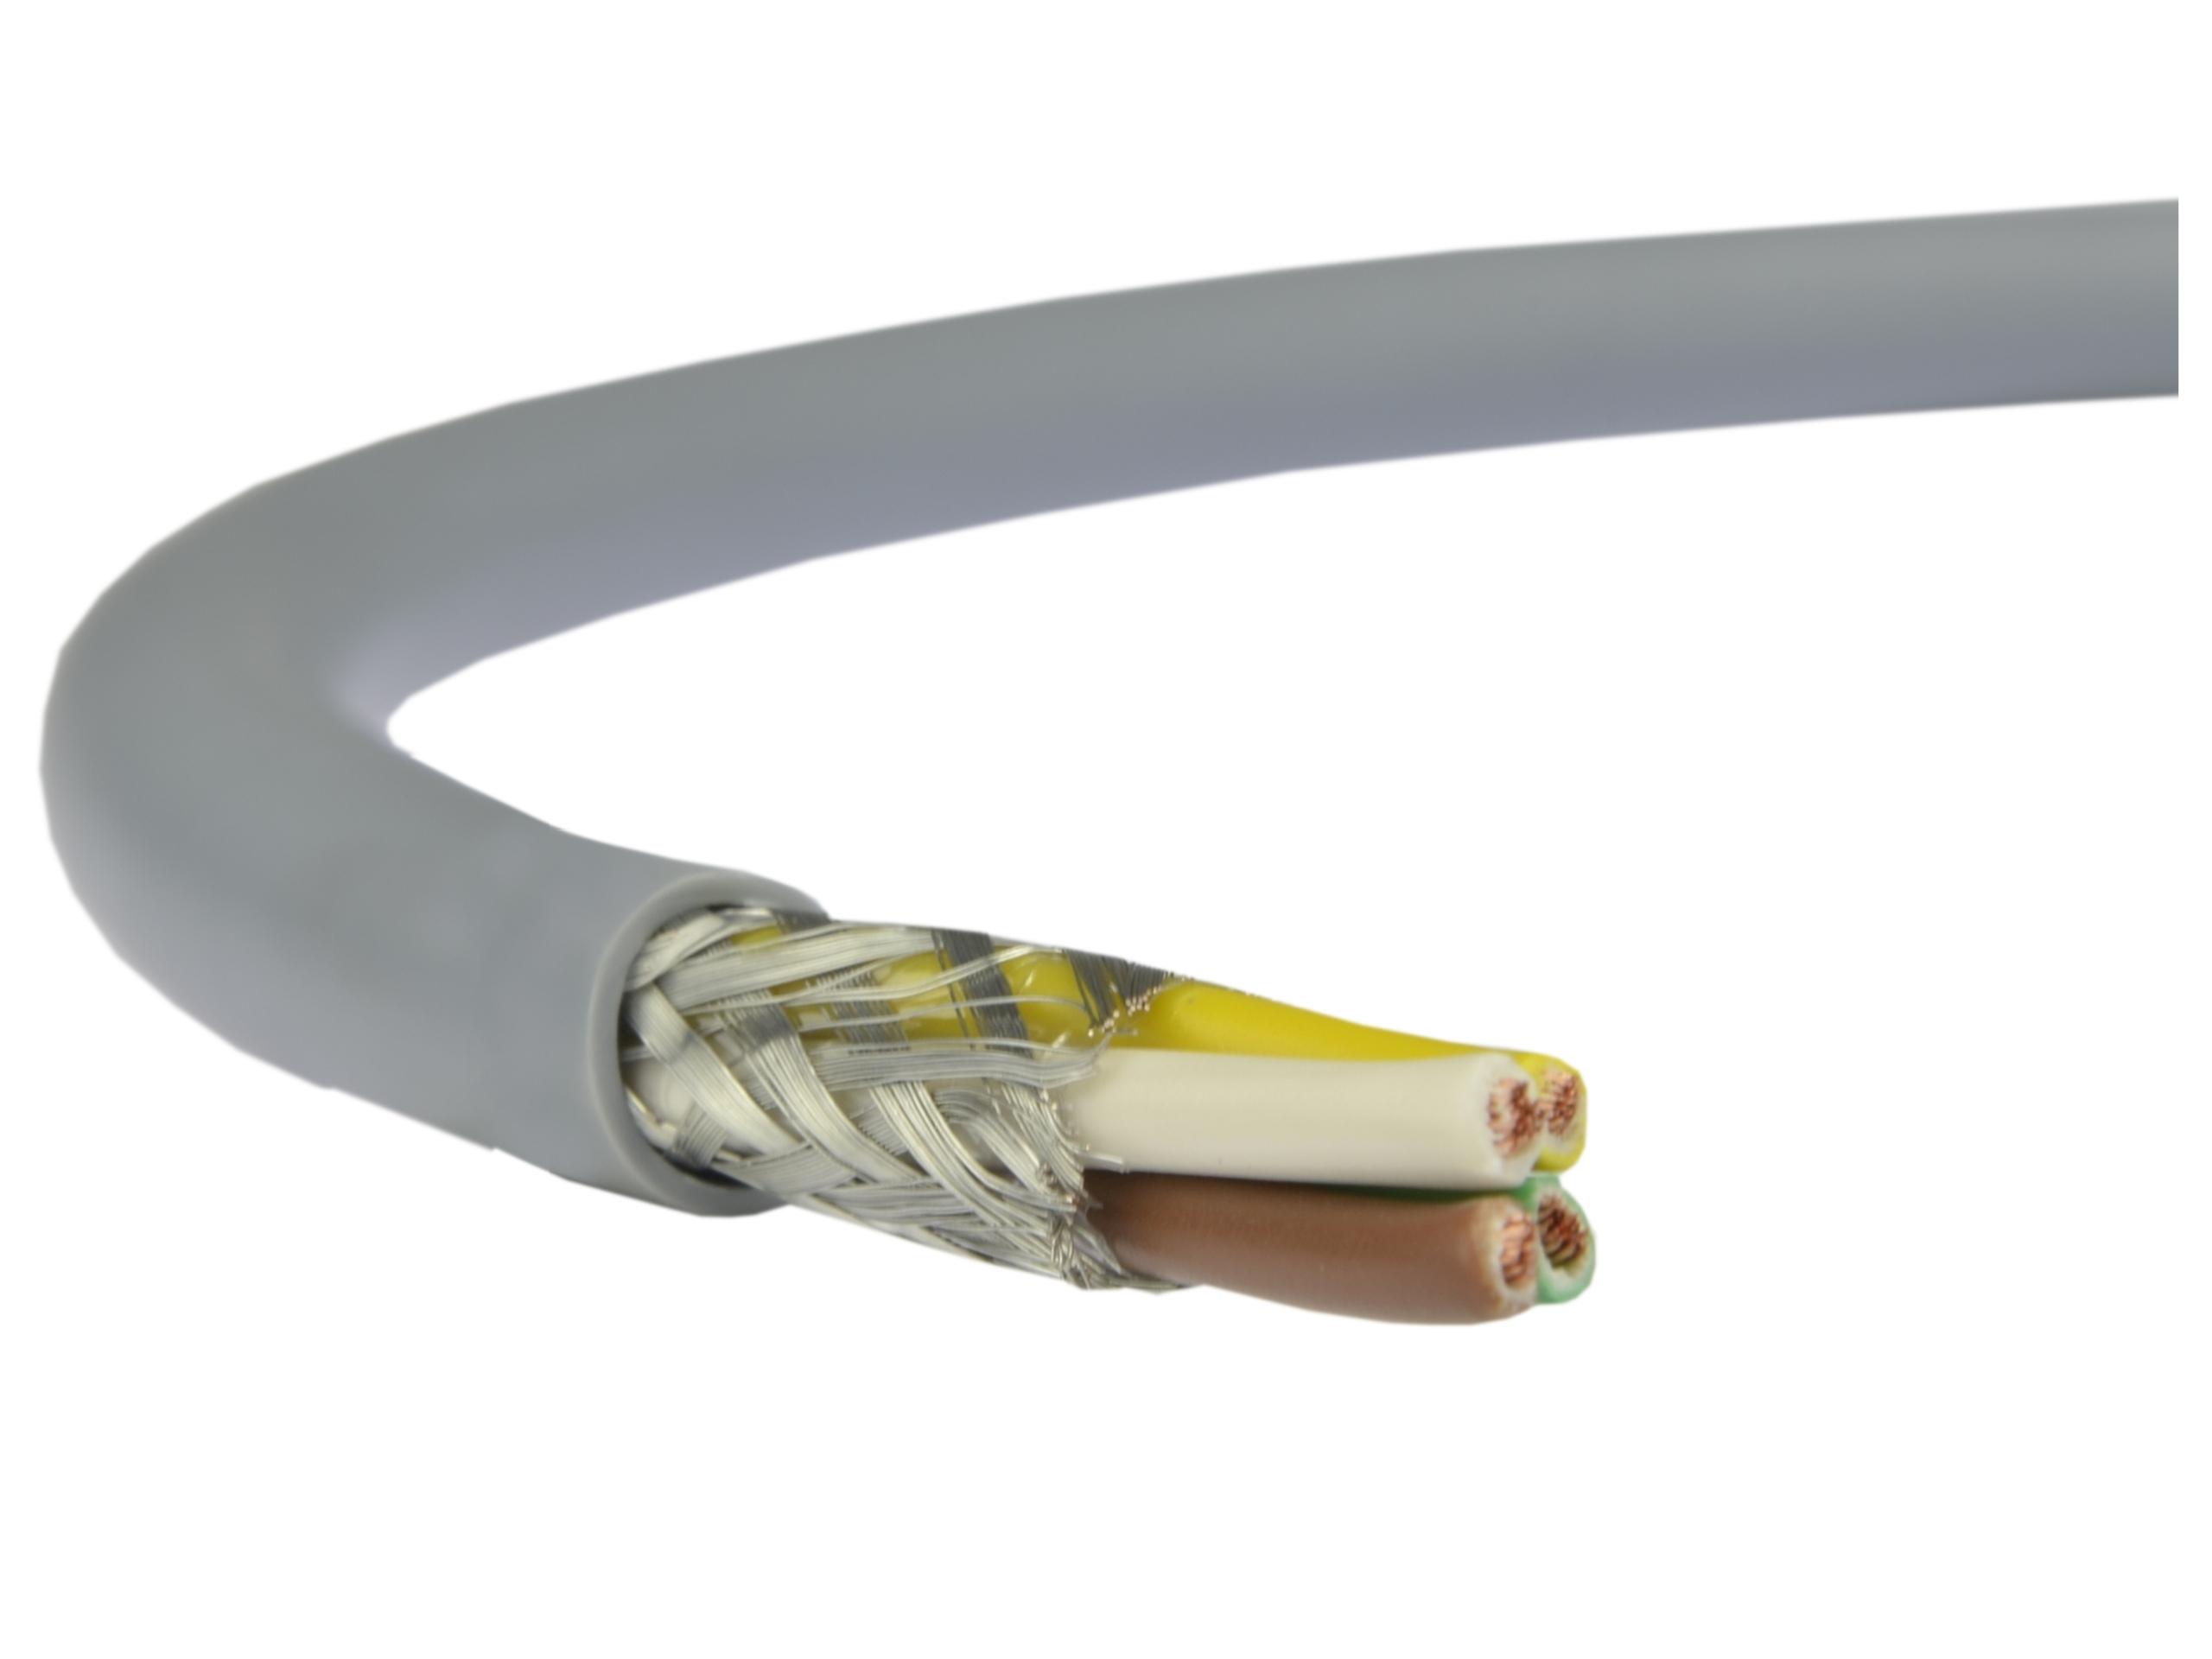 Káblový kábel v lokalite Liecy 4x0,75